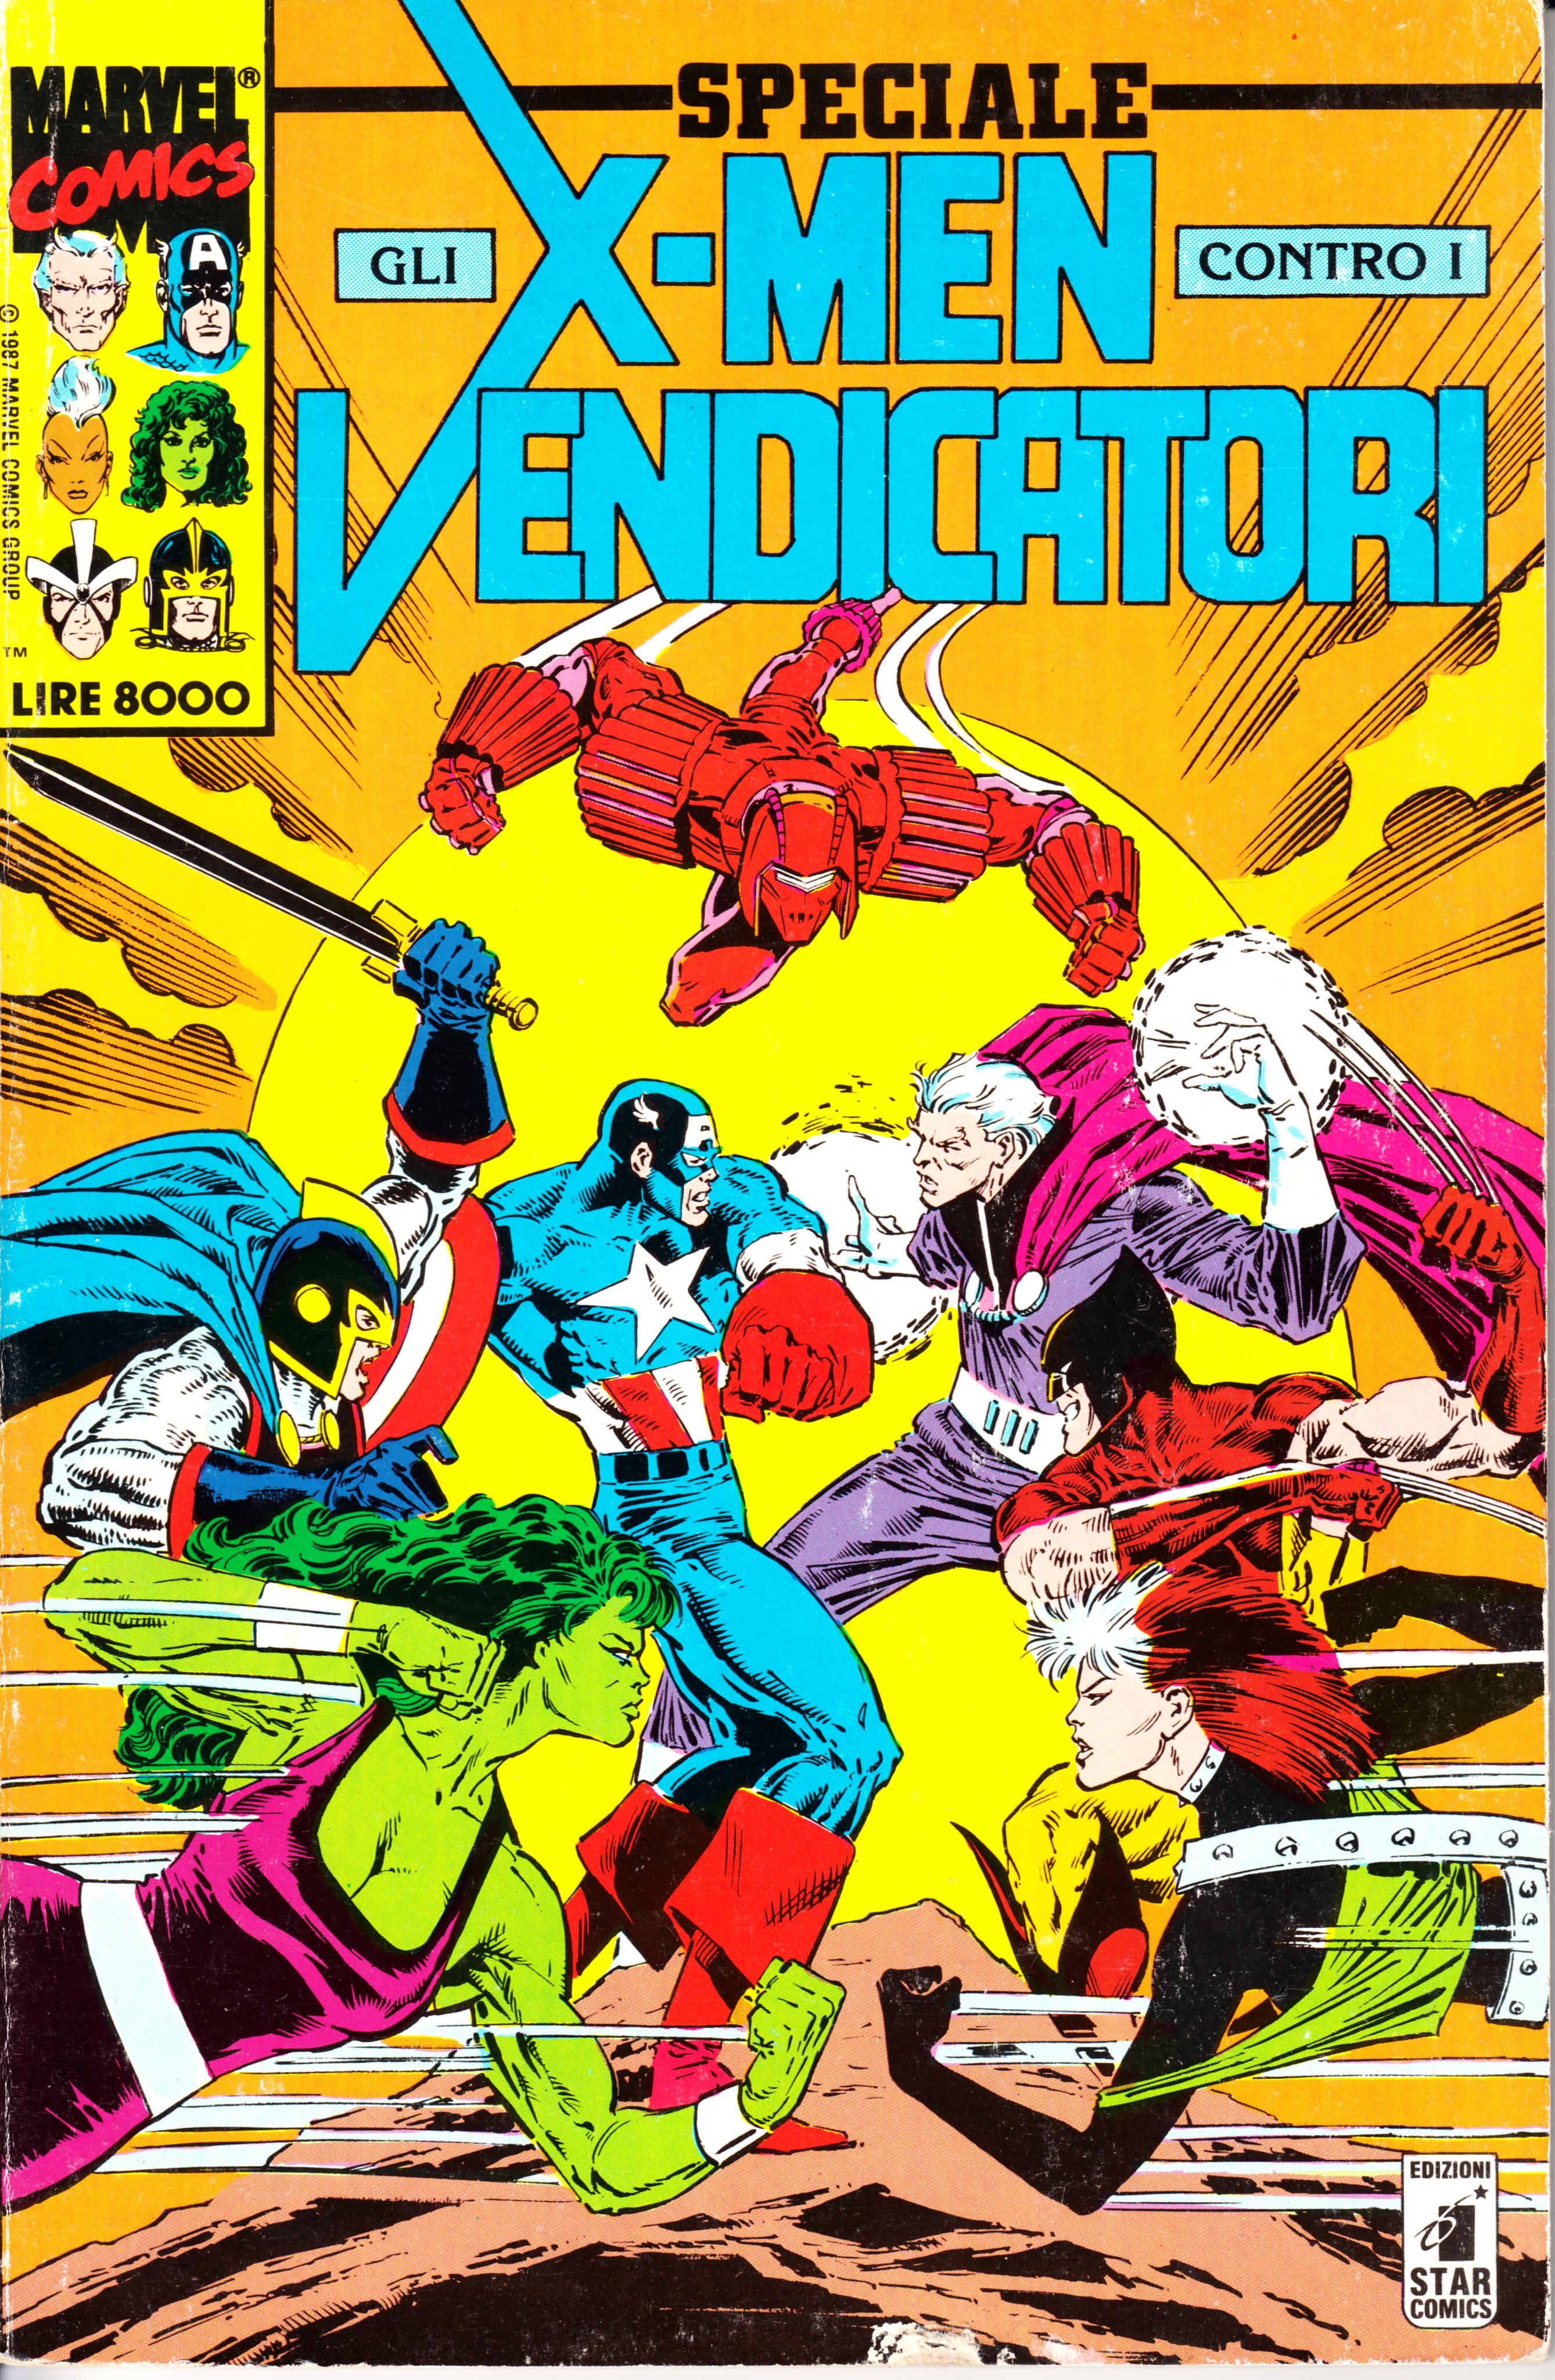 Speciale X-Men contr...